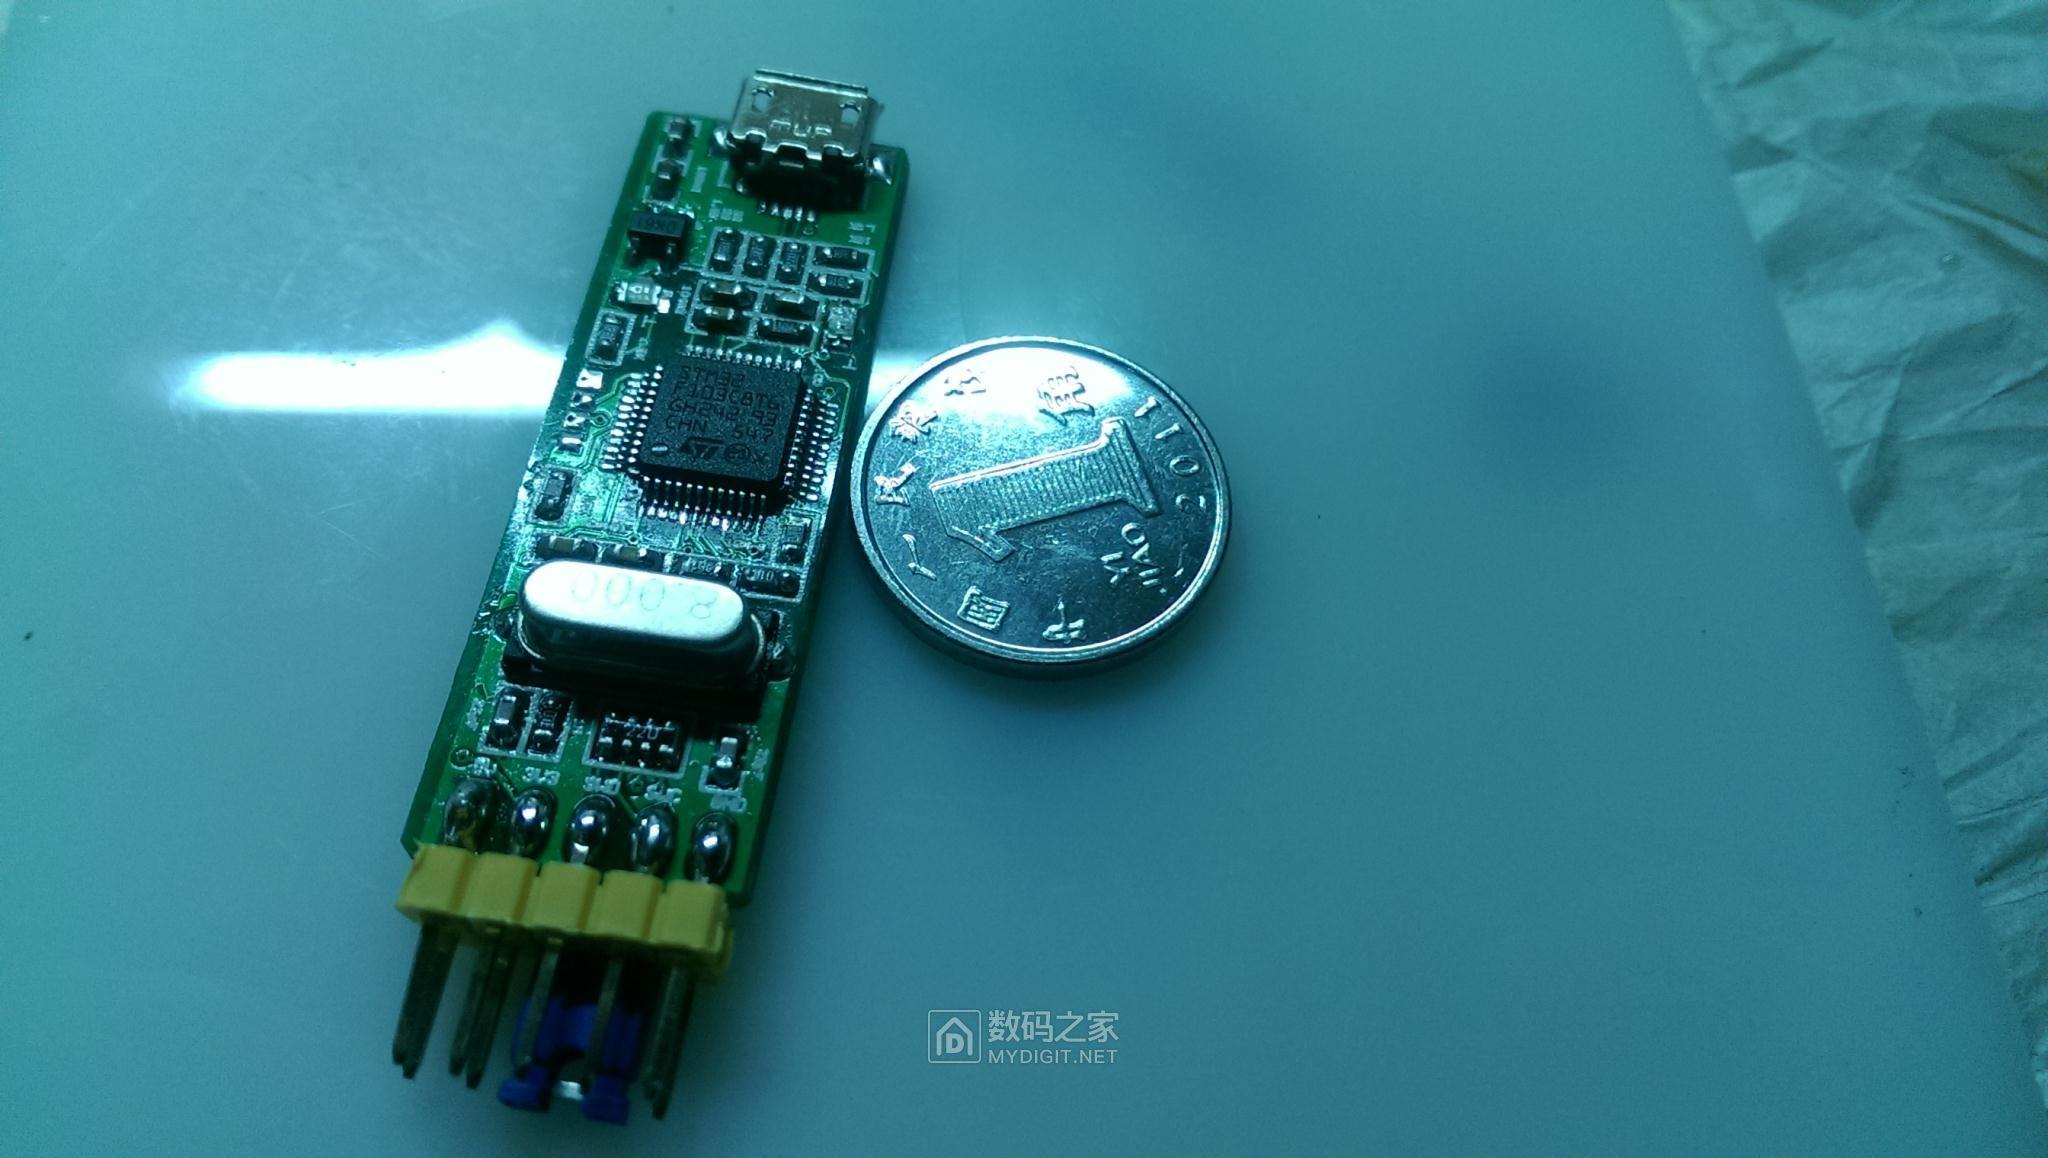 扔掉你的CH340烧写器!再造JLINK-OB Tiny版